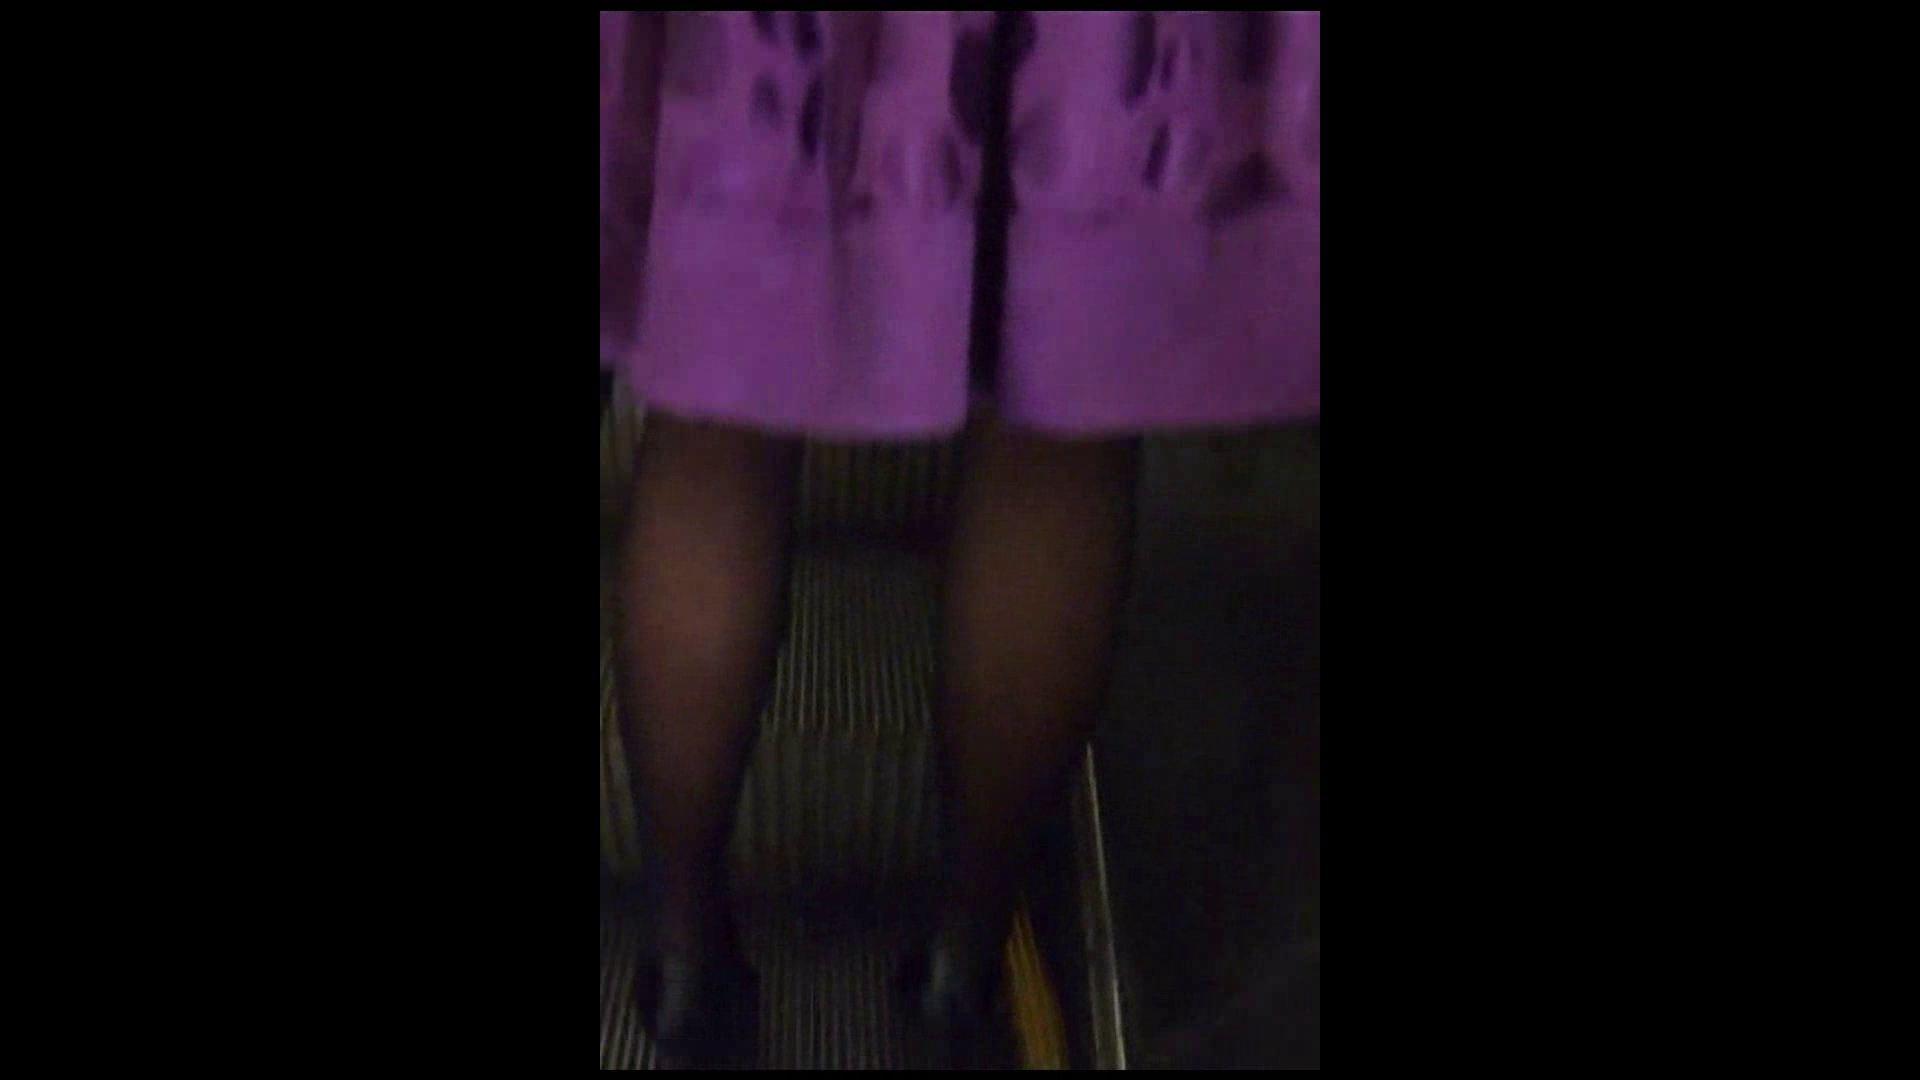 綺麗なモデルさんのスカート捲っちゃおう‼vol03 お姉さん   0  110画像 23